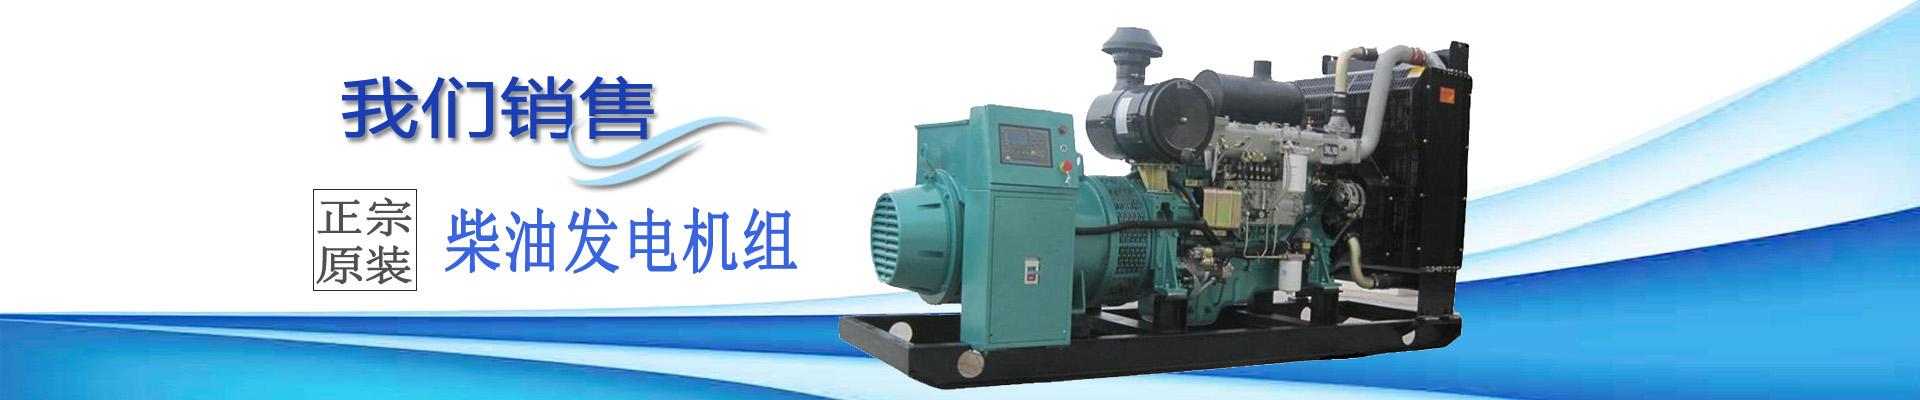 菱重柴油发电机组